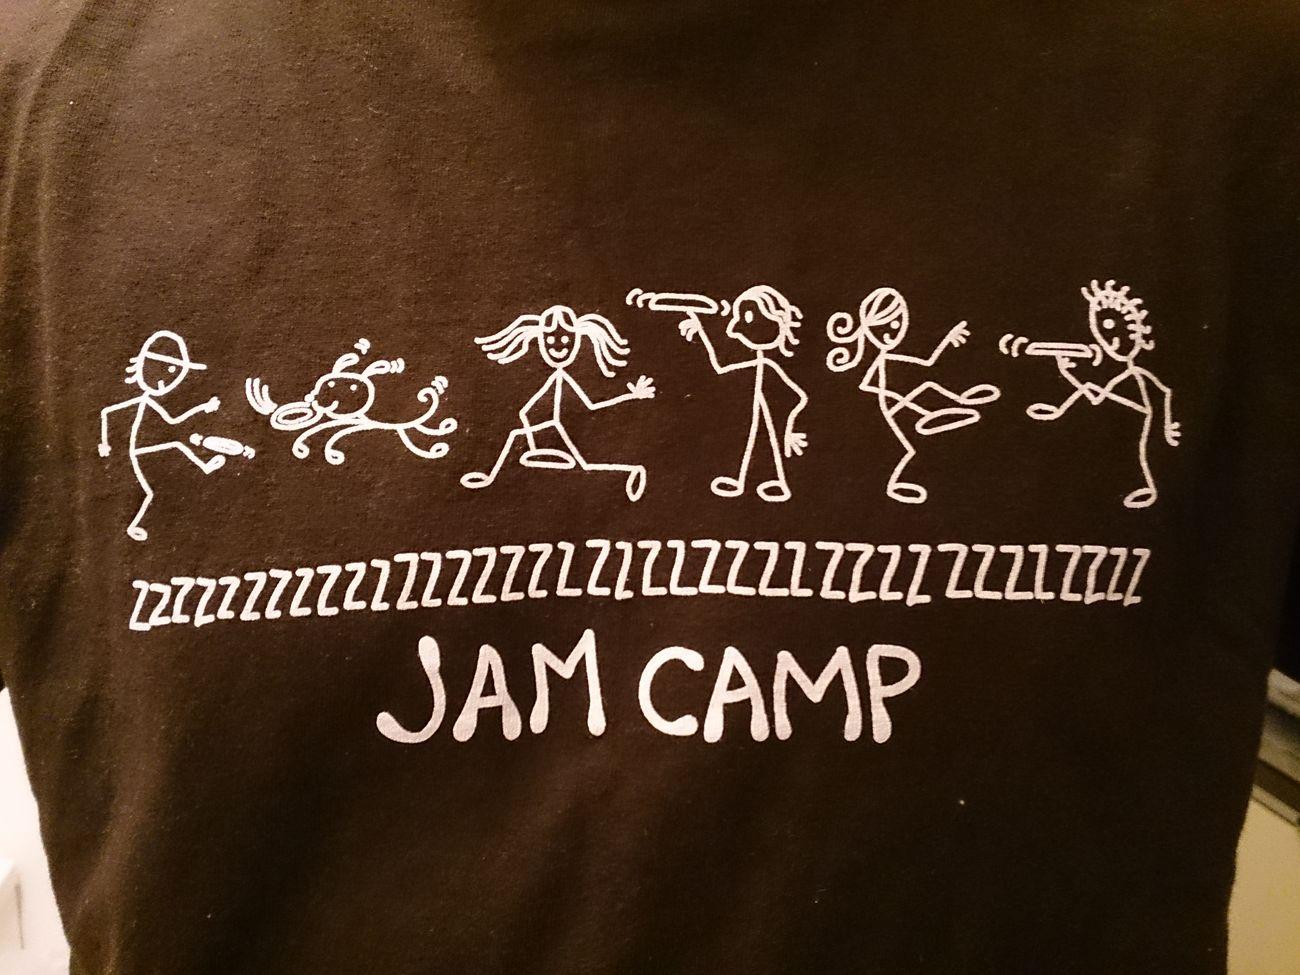 めっちゃいいTシャツもらった JAMCAMP Hayfee